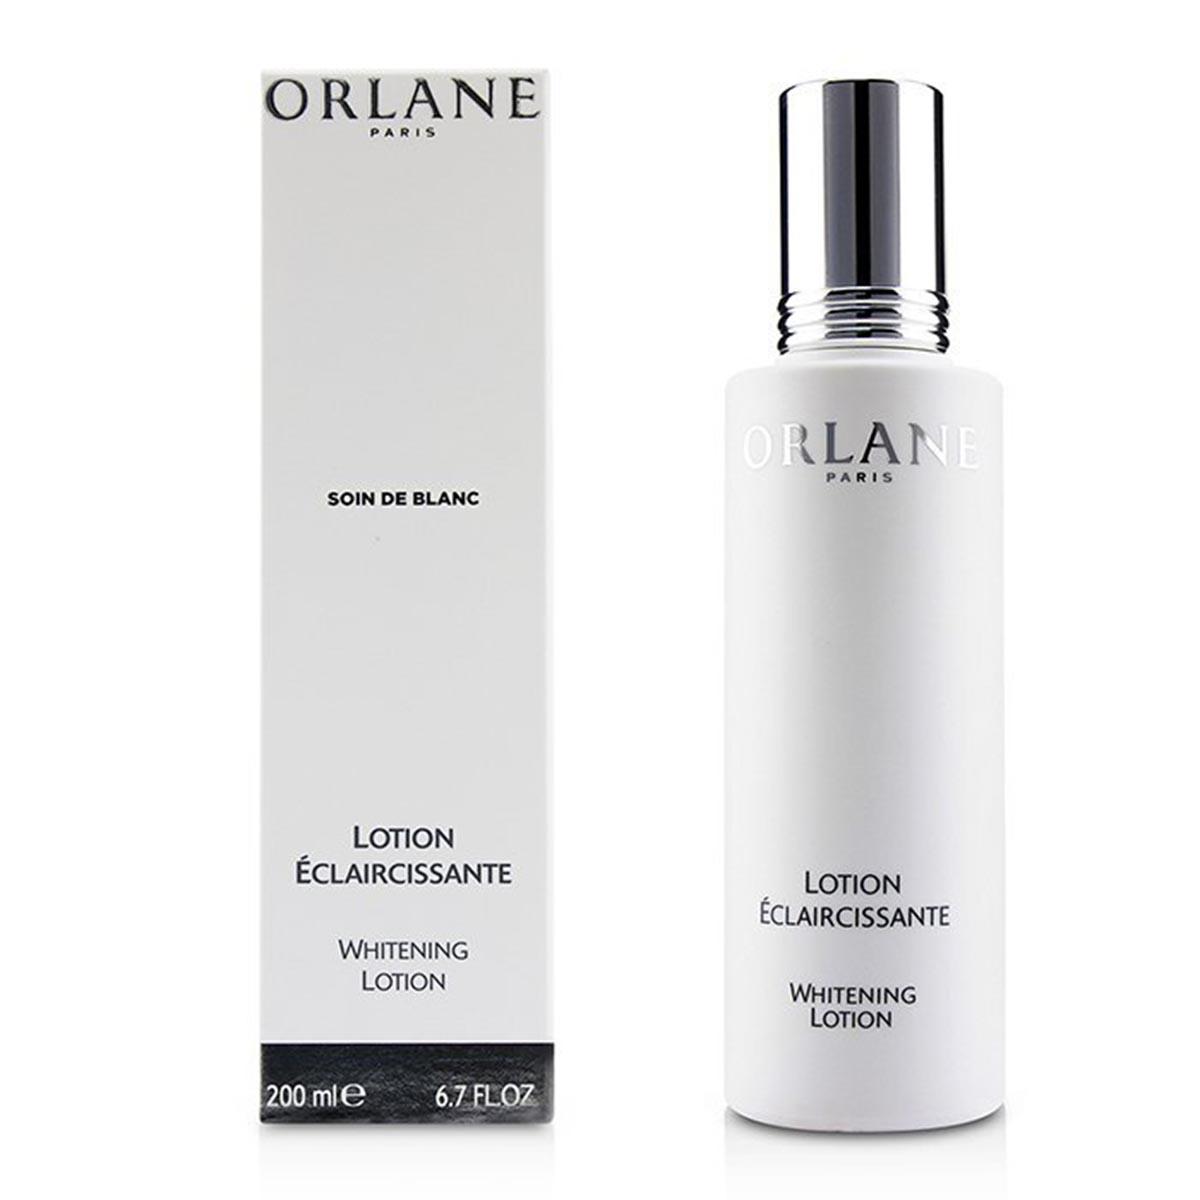 Orlane soin de blanc whitening lotion 200ml